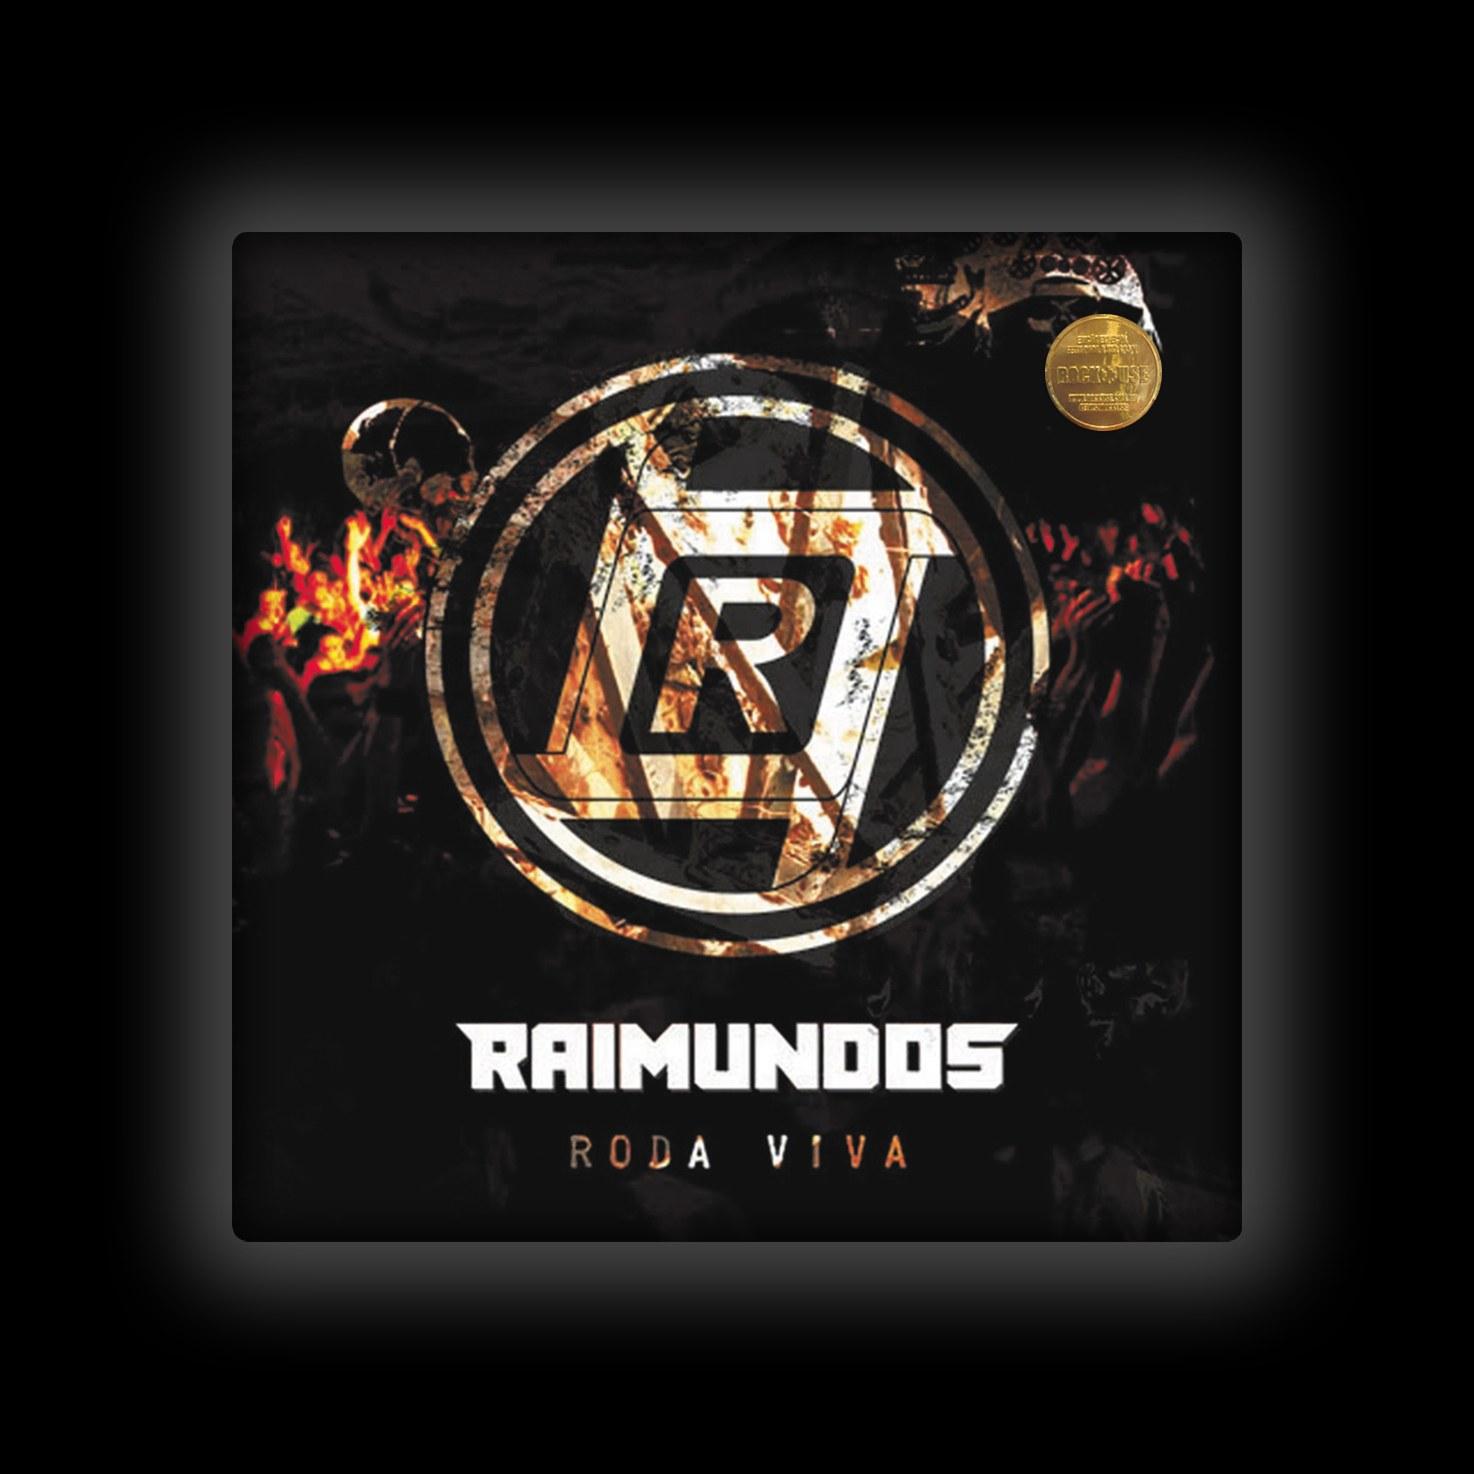 Capa de Almofada Raimundos - Roda Viva